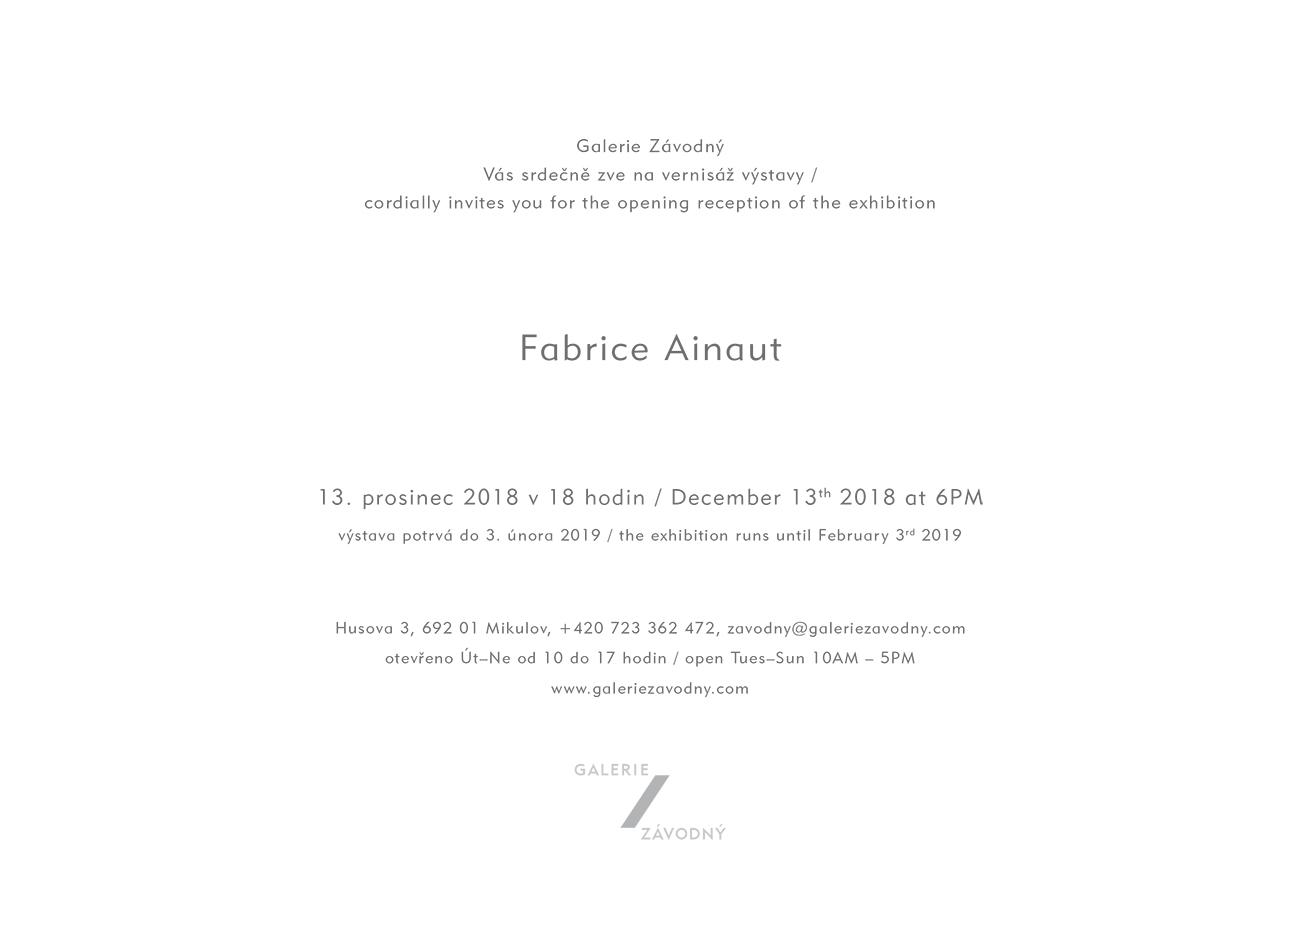 Fabrice Ainaut